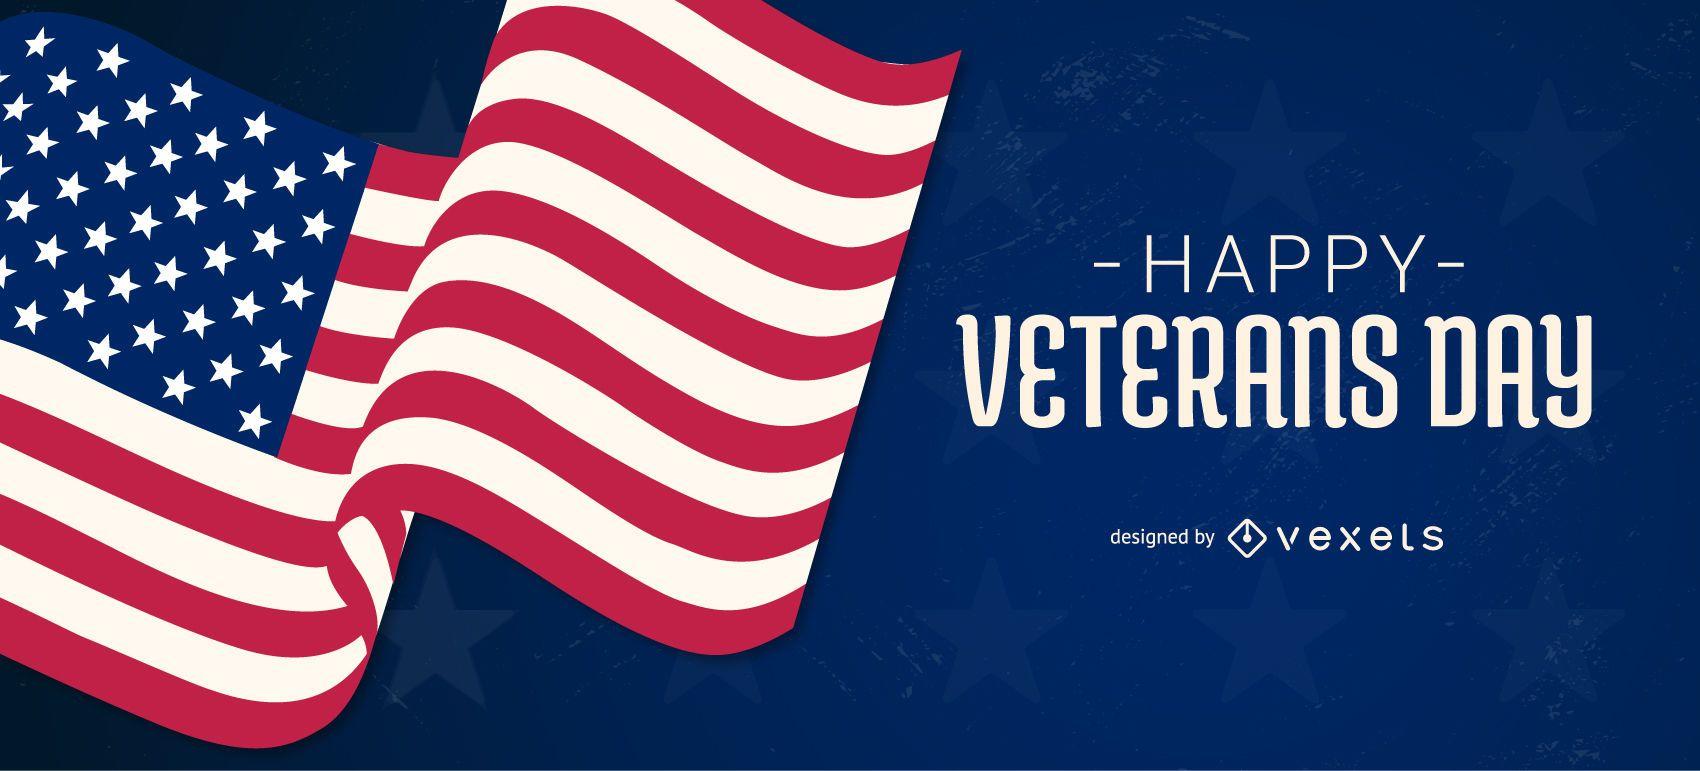 Veterans day usa slider design